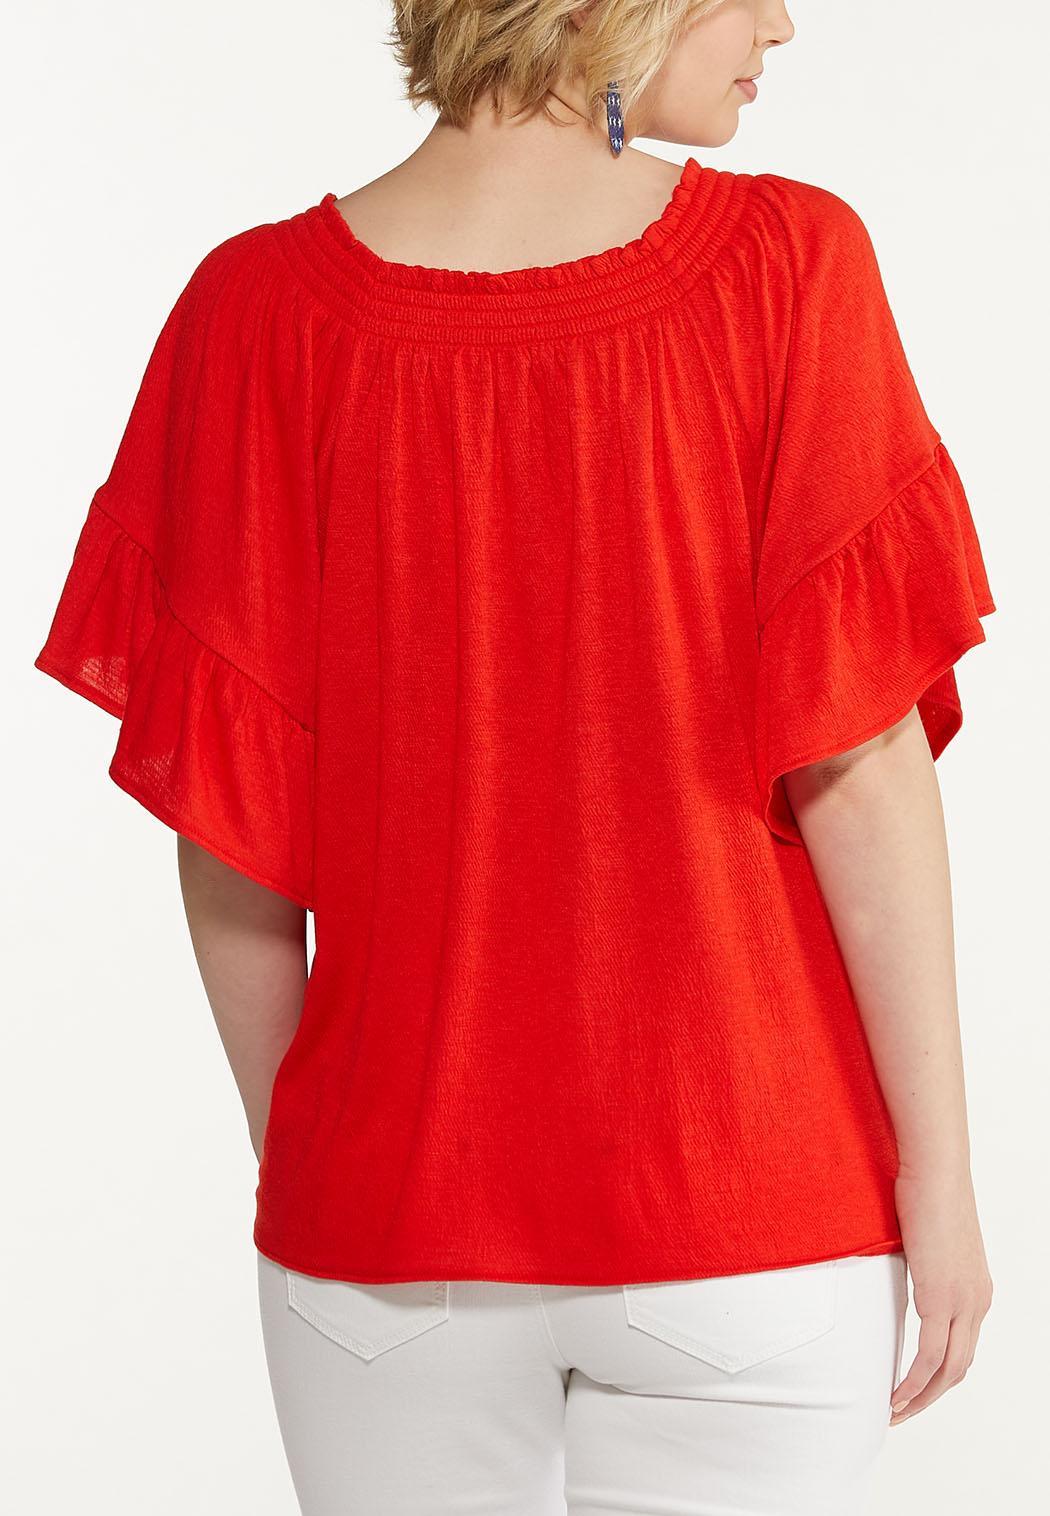 Red Flutter Sleeve Top (Item #44599814)